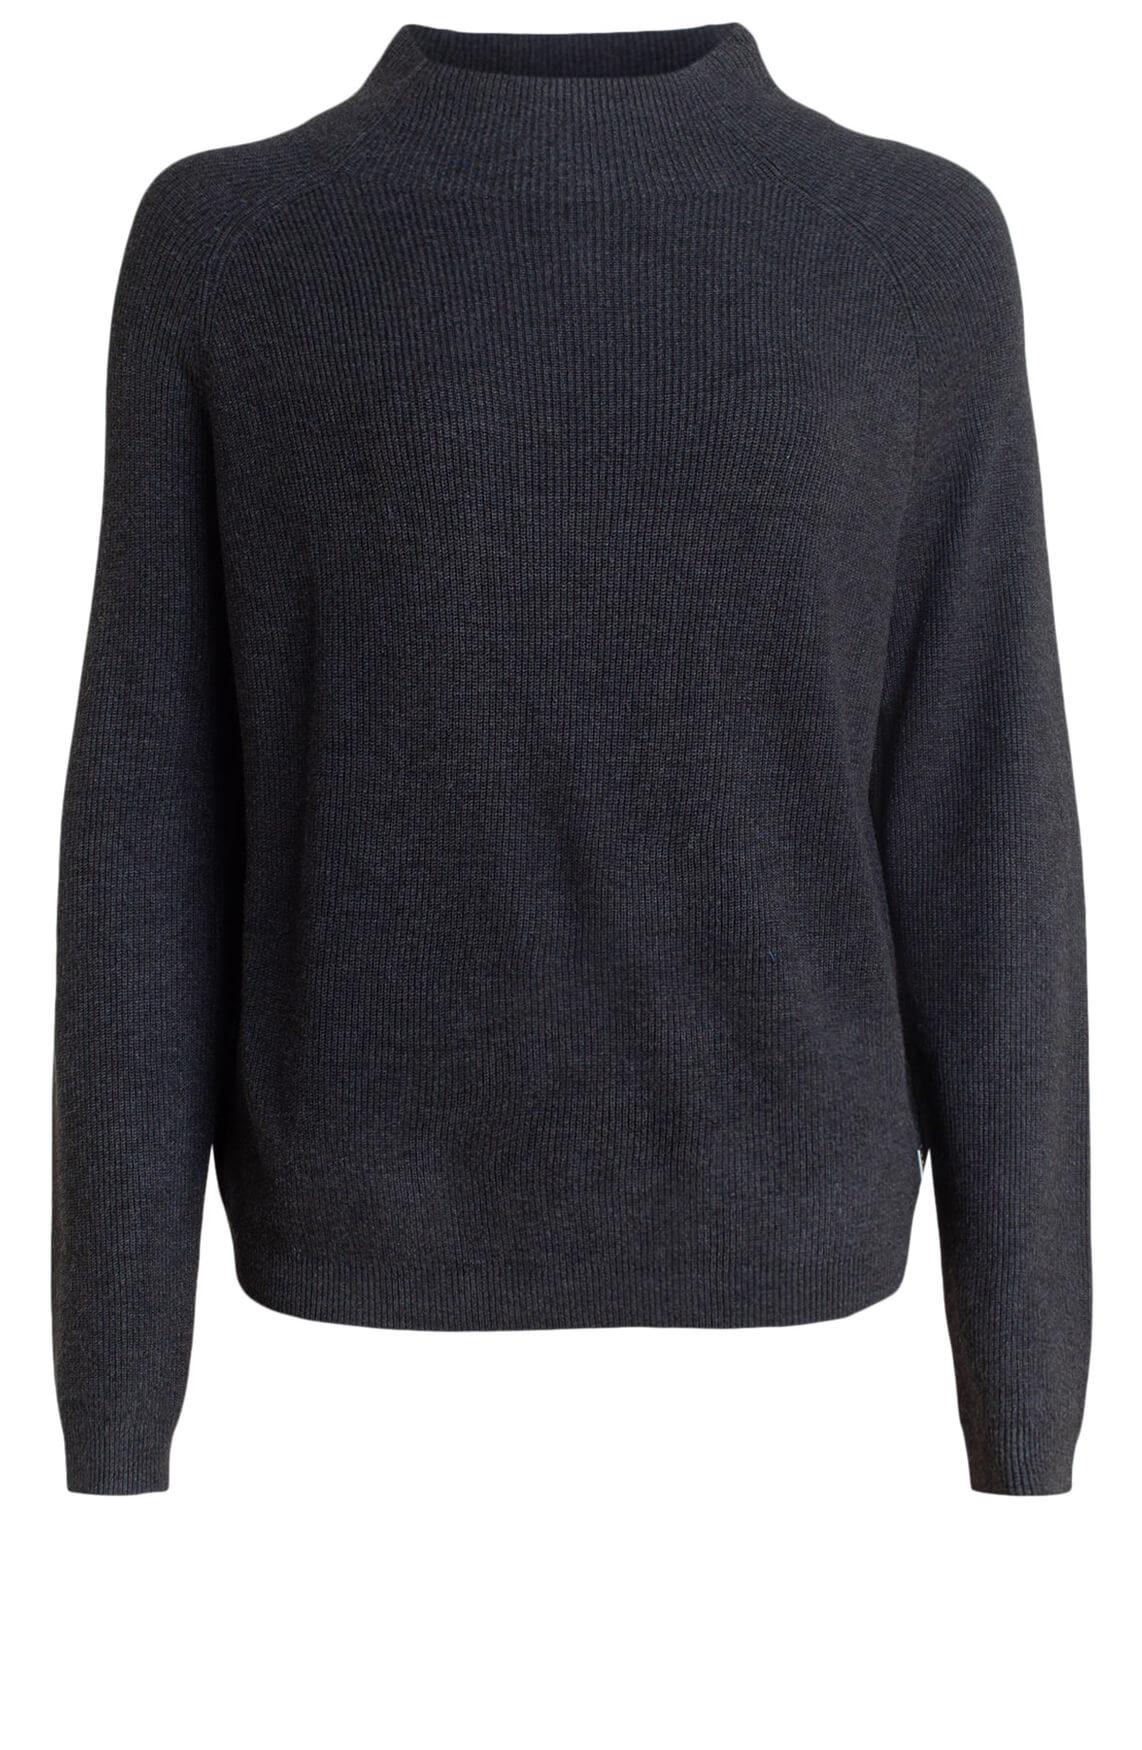 Anna Dames Pullover met hoge kraag Grijs